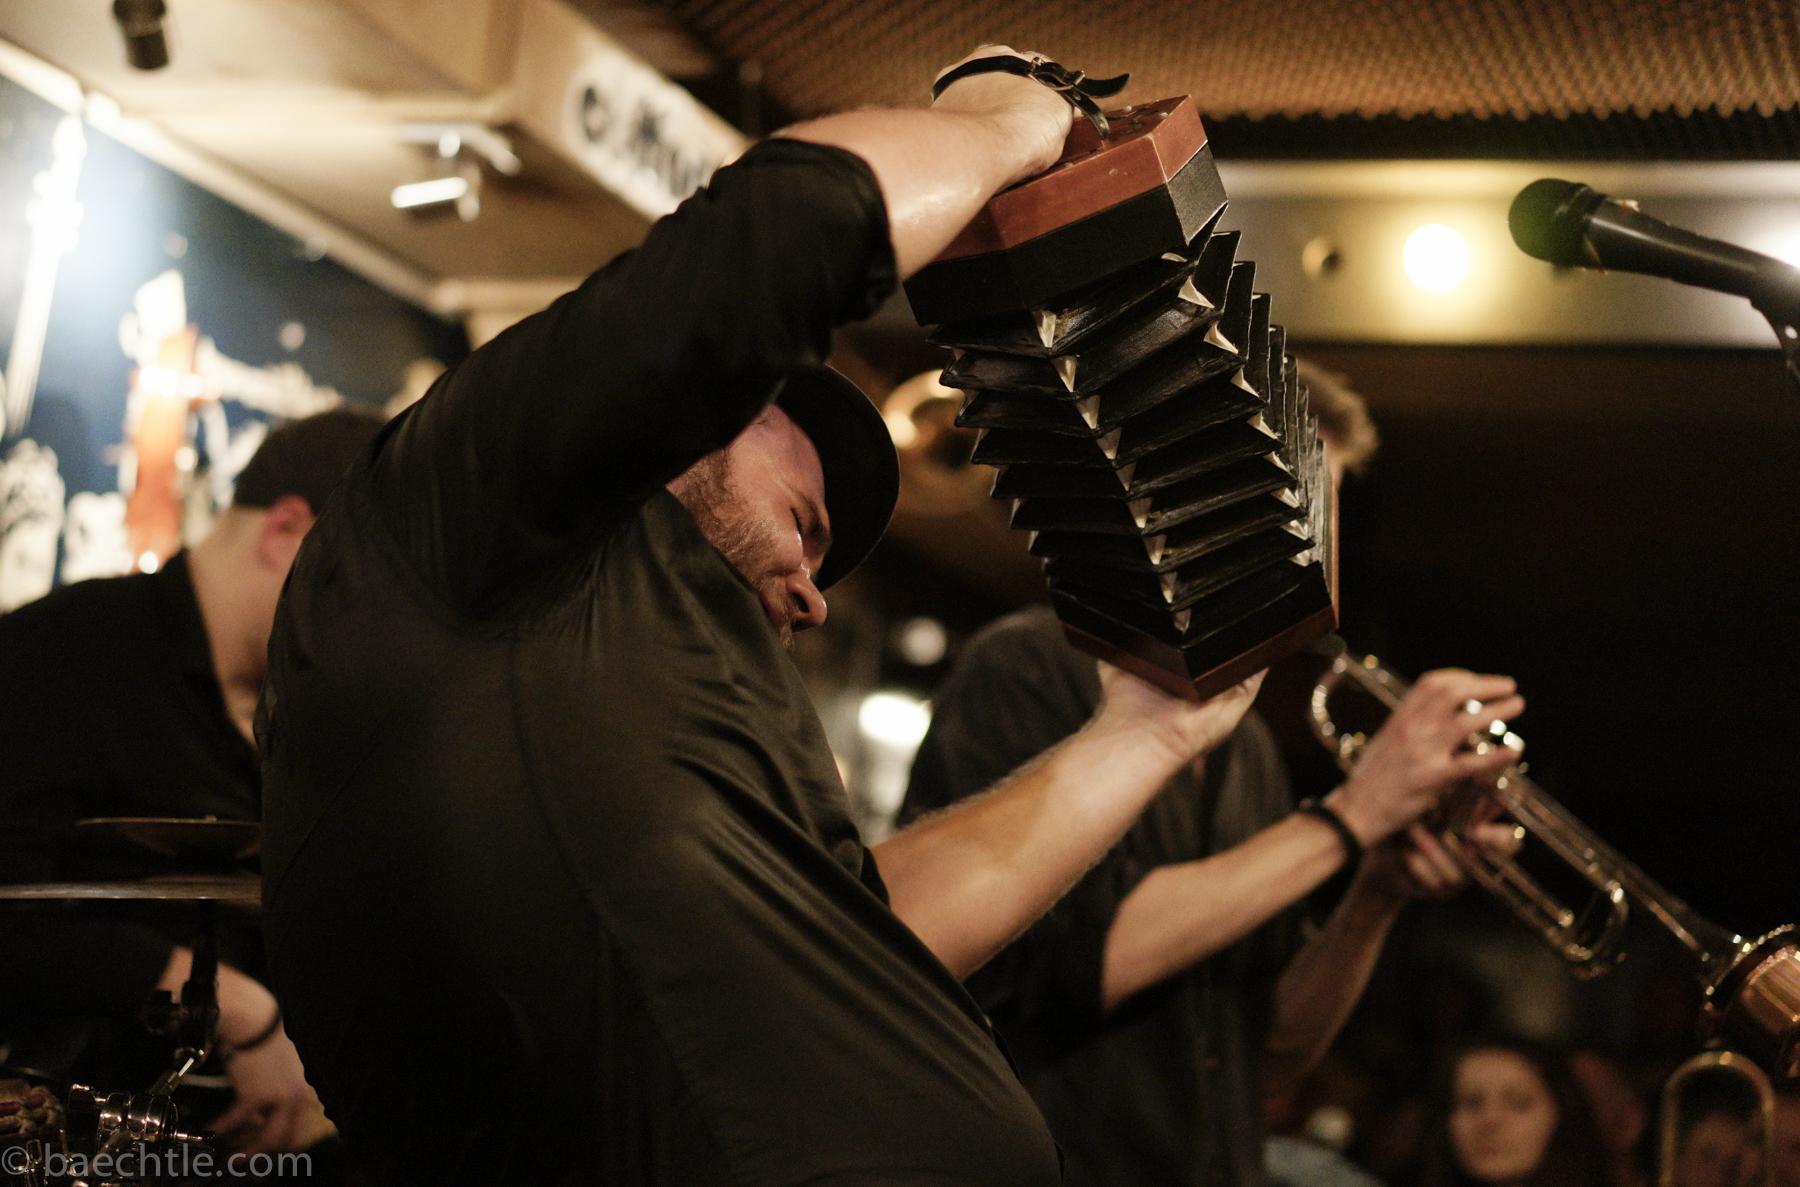 Konzertfotografie – Well Bad im Cotton Club